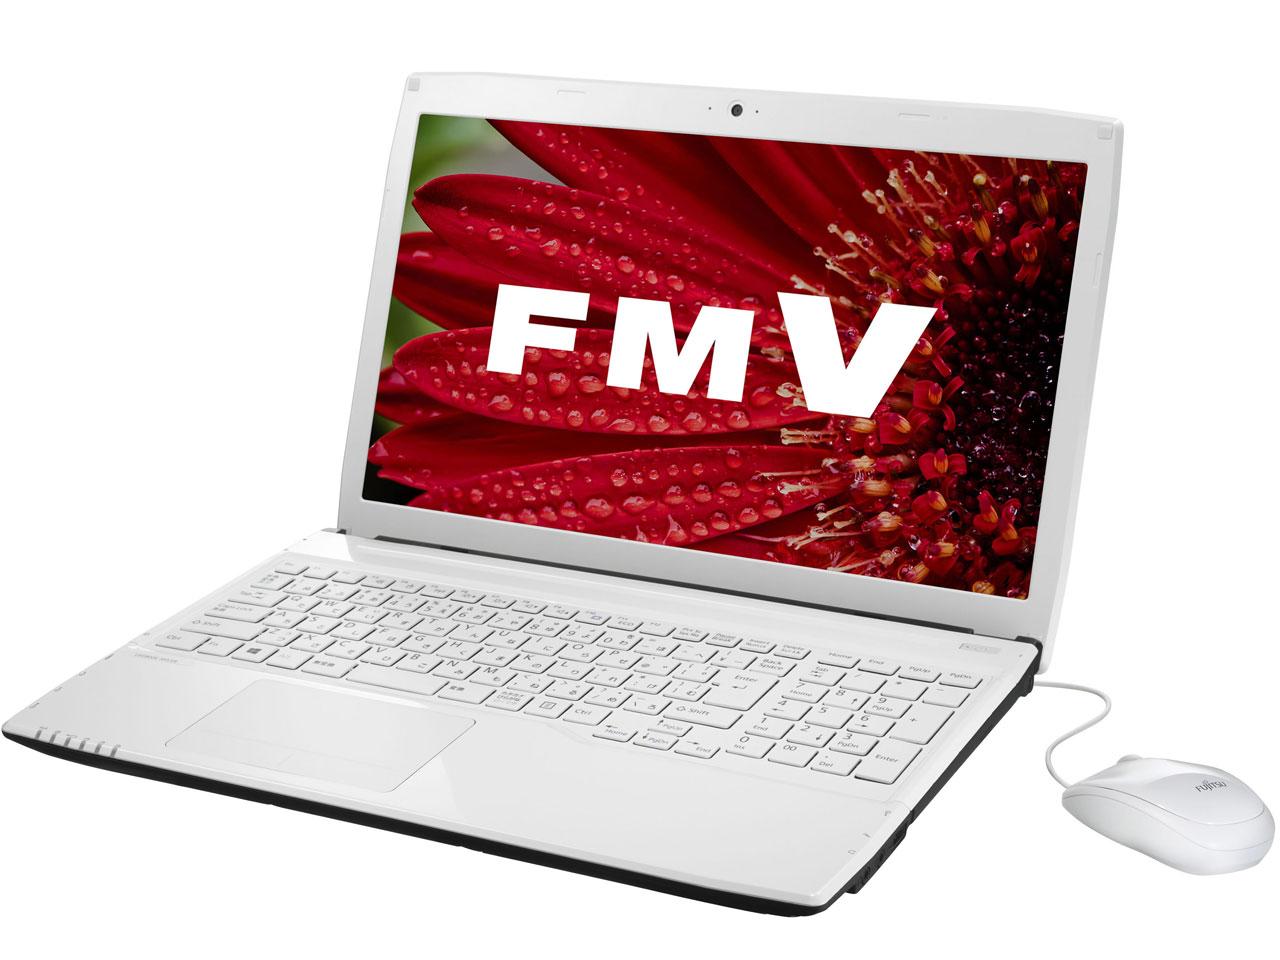 【初回限定】 【エントリーでP5倍 無線LAN 4/23 20:00~】大容量1TB搭載 FMVA53SW(ホワイト)+Microsoft BD Office 2013 Home Home & Business付き訳あり 1TB BD 2014年秋冬モデル 富士通FMV ノートパソコンWin8.1 Core i7-4712MQ BD 無線LAN, アトリエブルージュflower shop:6639af12 --- mail.analogbeats.com